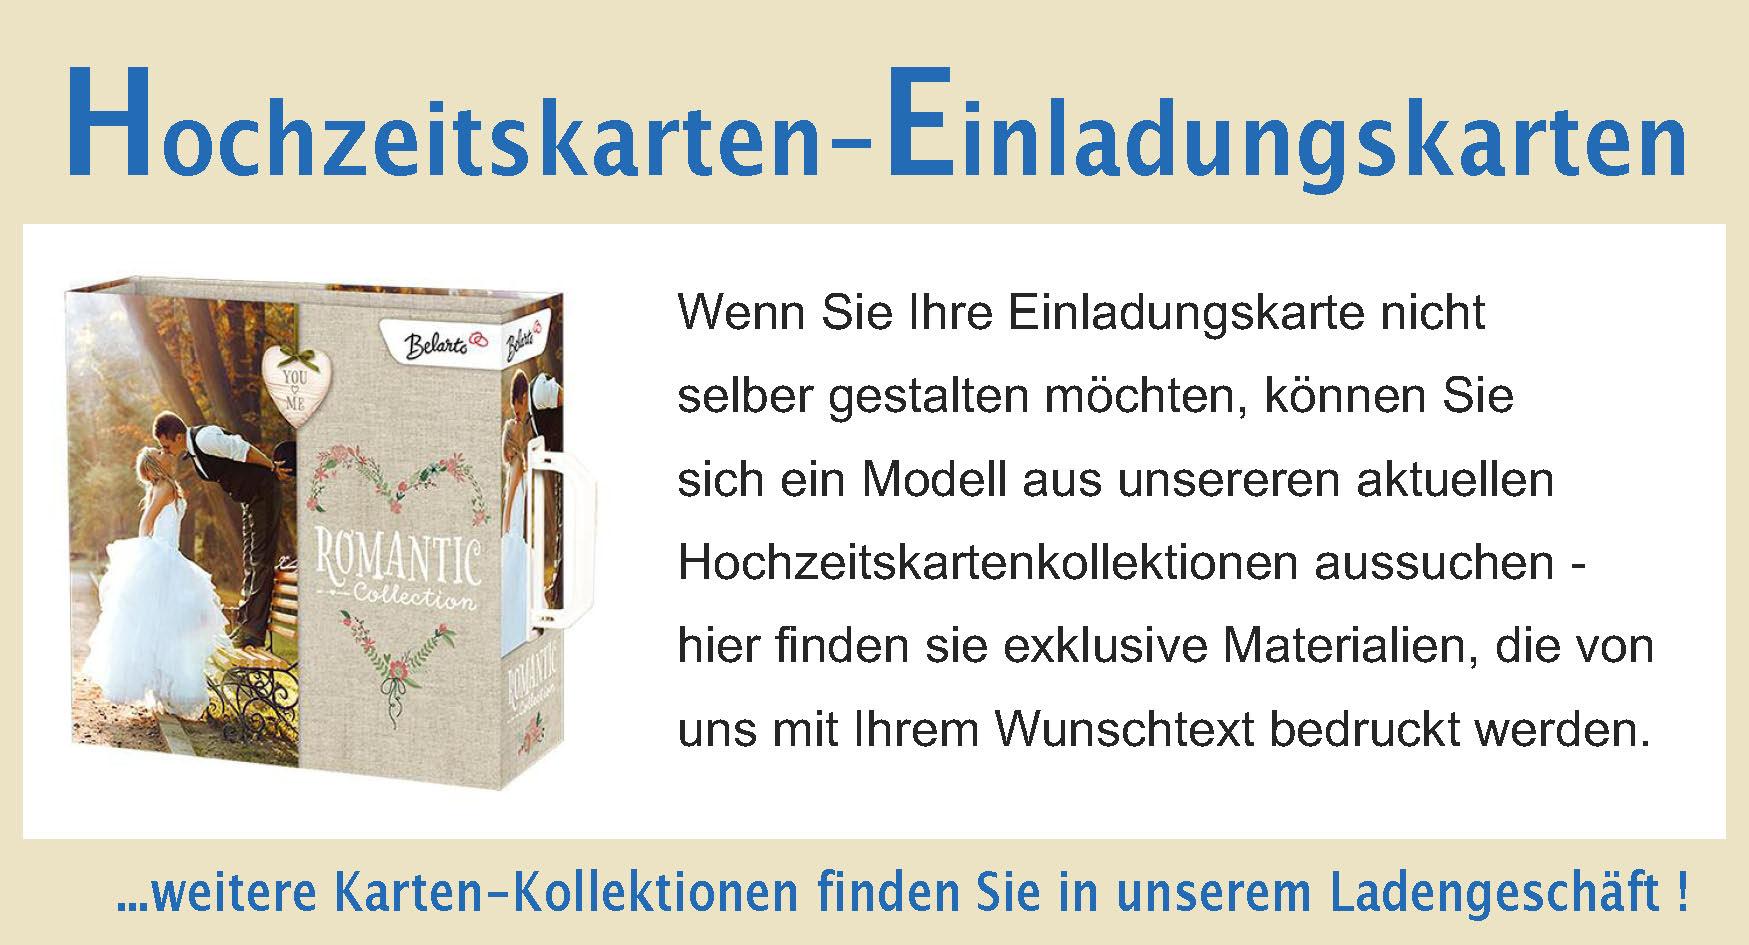 Printshop, Online Druckerei, Onlinedruckerei, Druckerei, Osnabrück, Online,  Online Druckerei, Briefpapier Drucken, 24h, Drucken, Druck,  Hochzeitskarten, ...